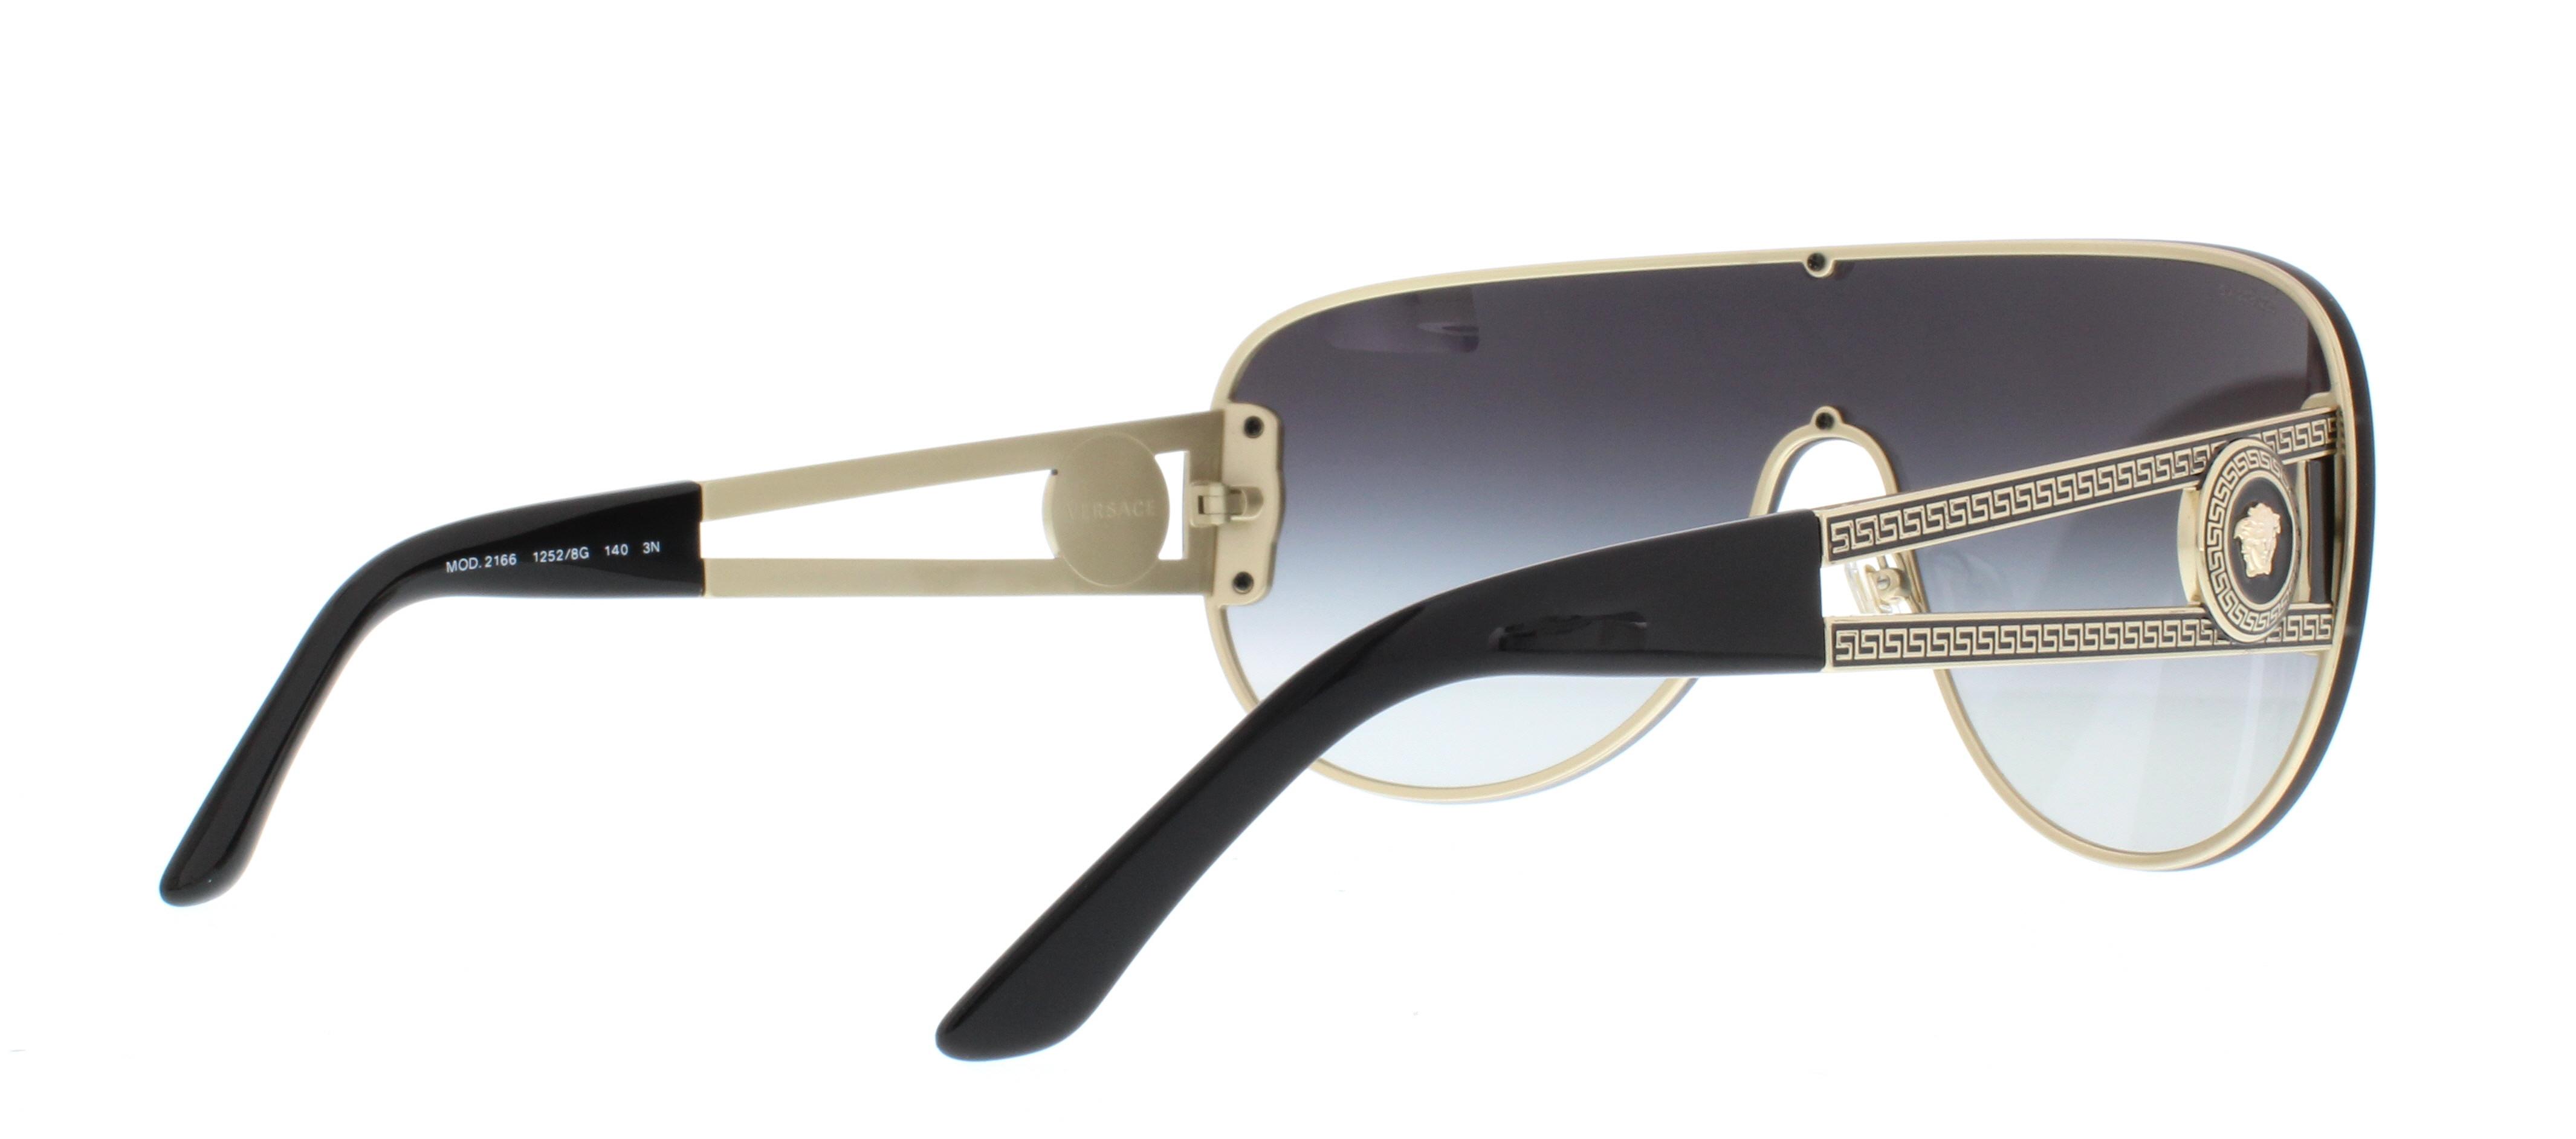 2f510e5d72 Designer Frames Outlet. Versace VE2166